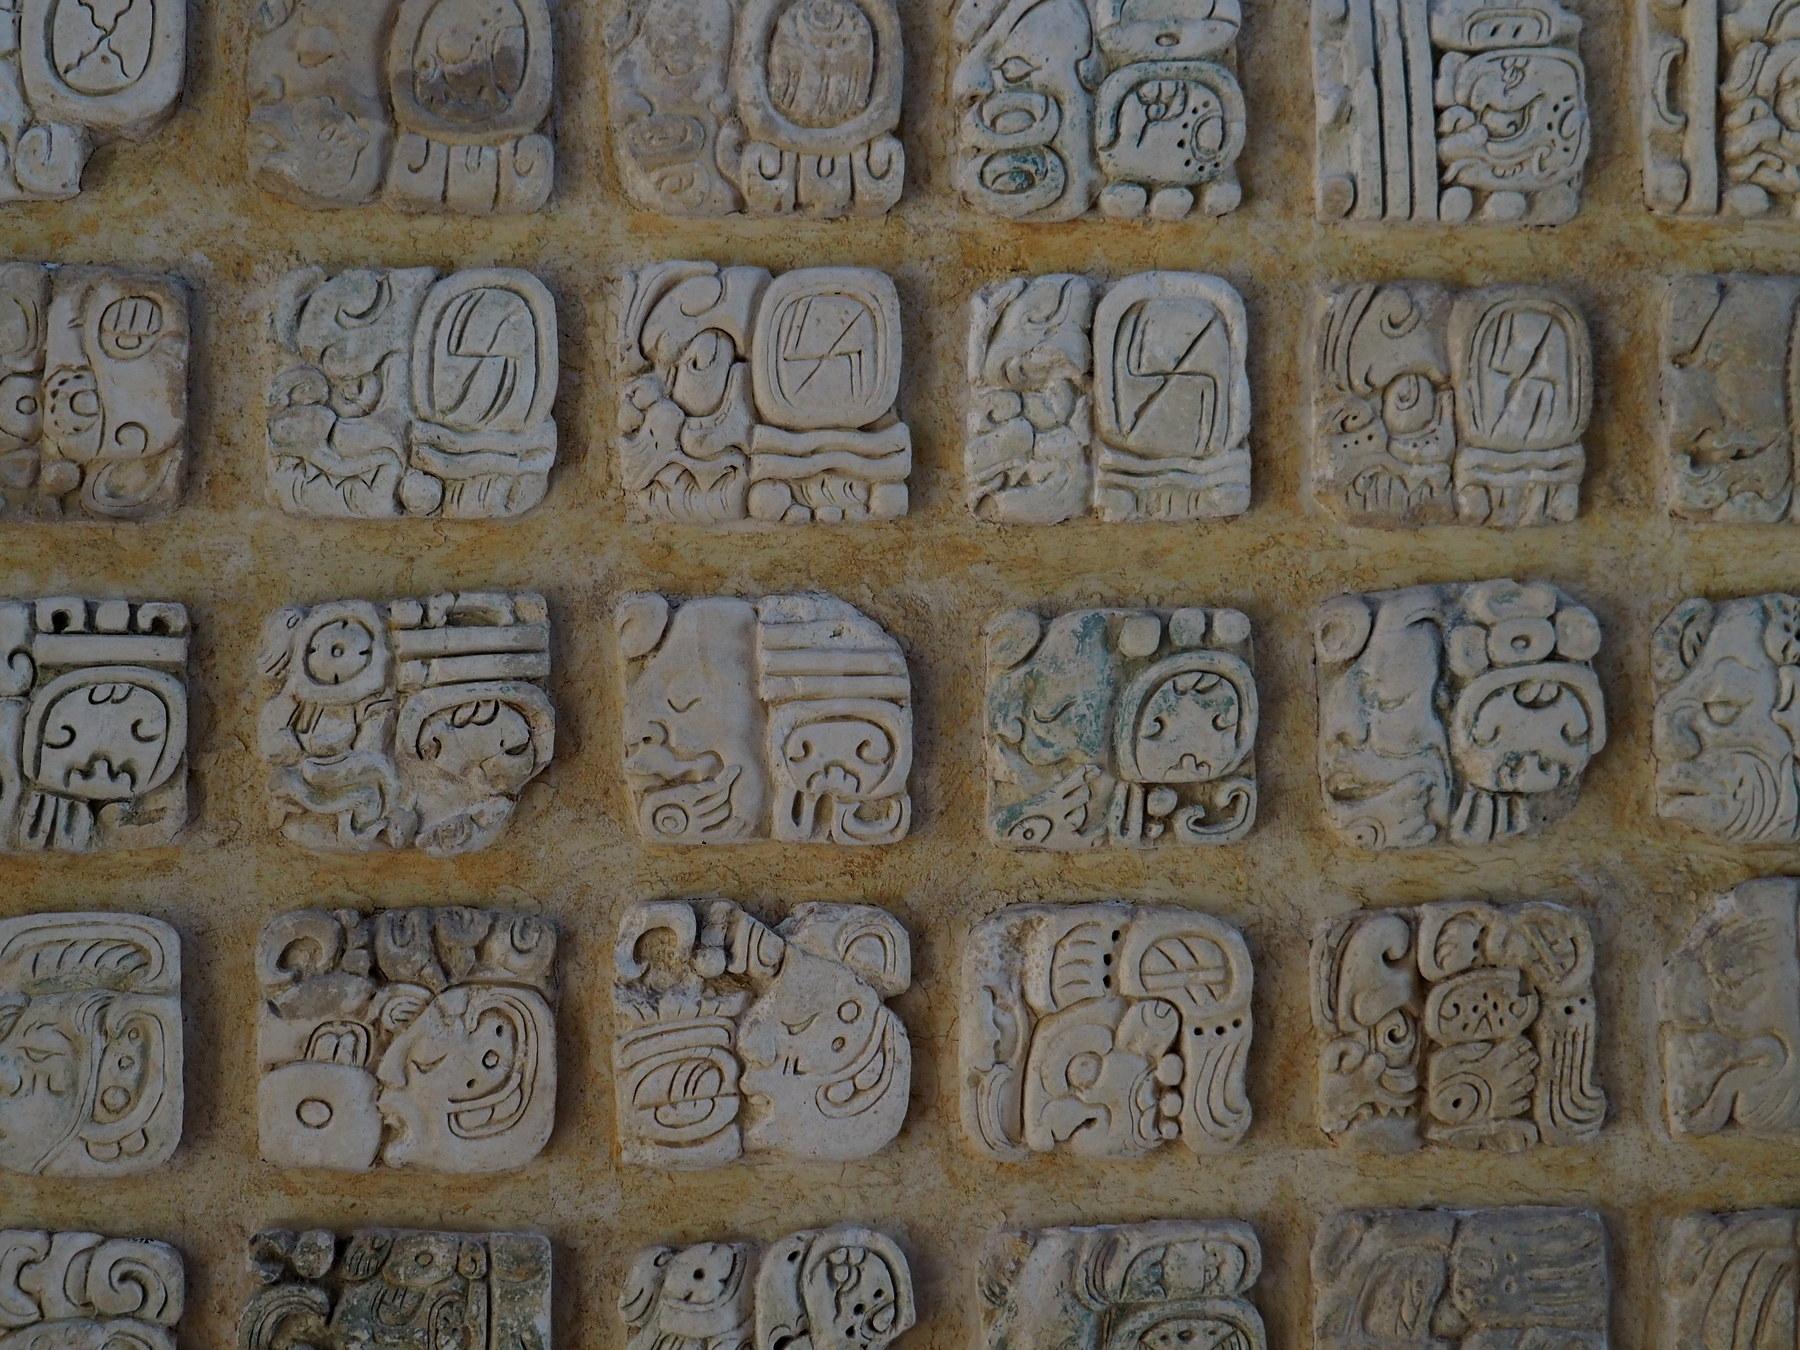 Die Schriftzeichen der Maya